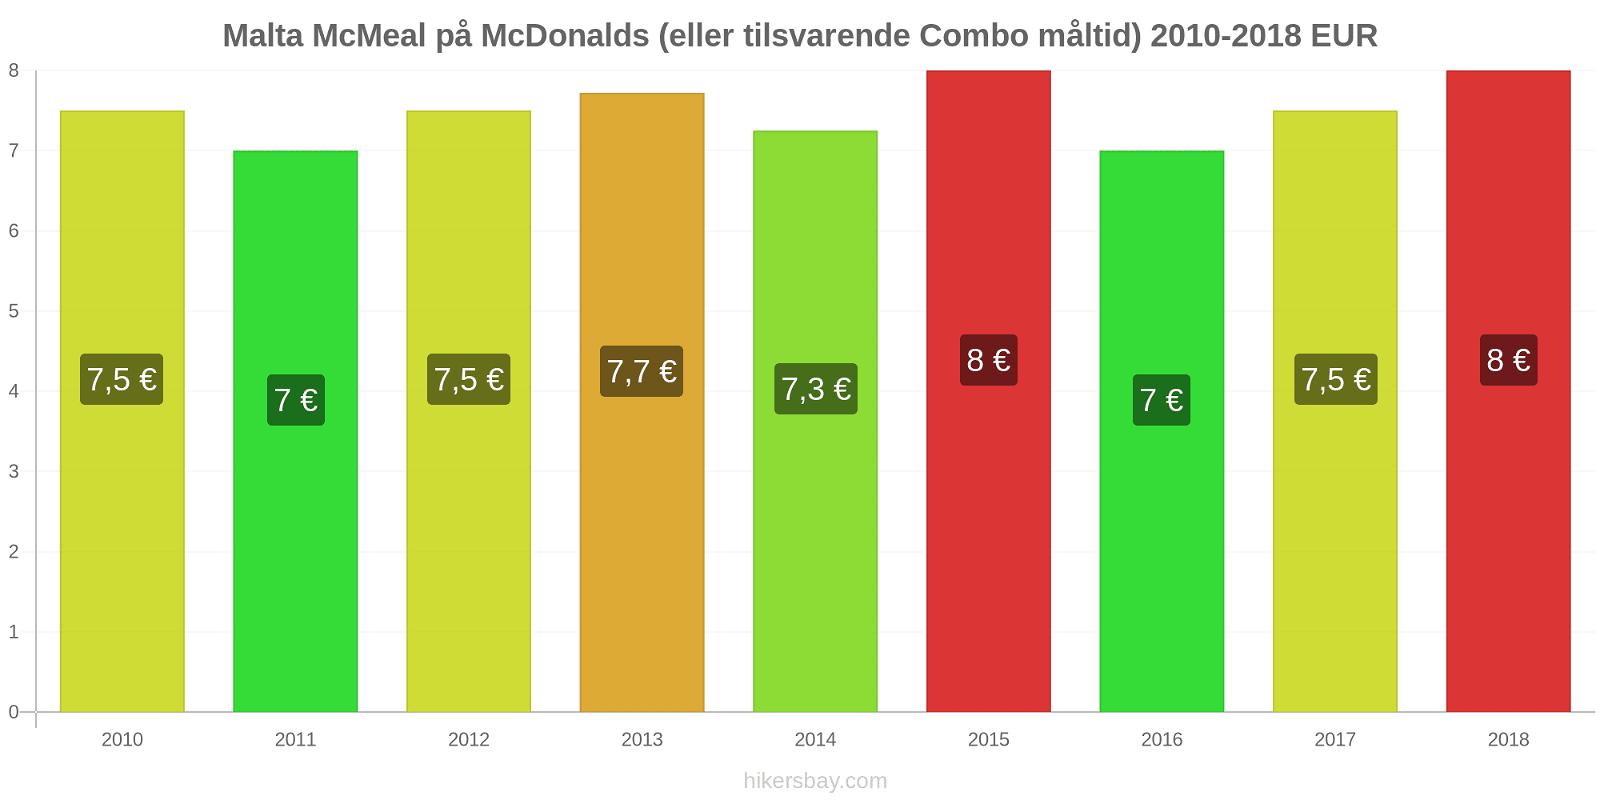 Malta prisændringer McMeal på McDonalds (eller tilsvarende Combo måltid) hikersbay.com